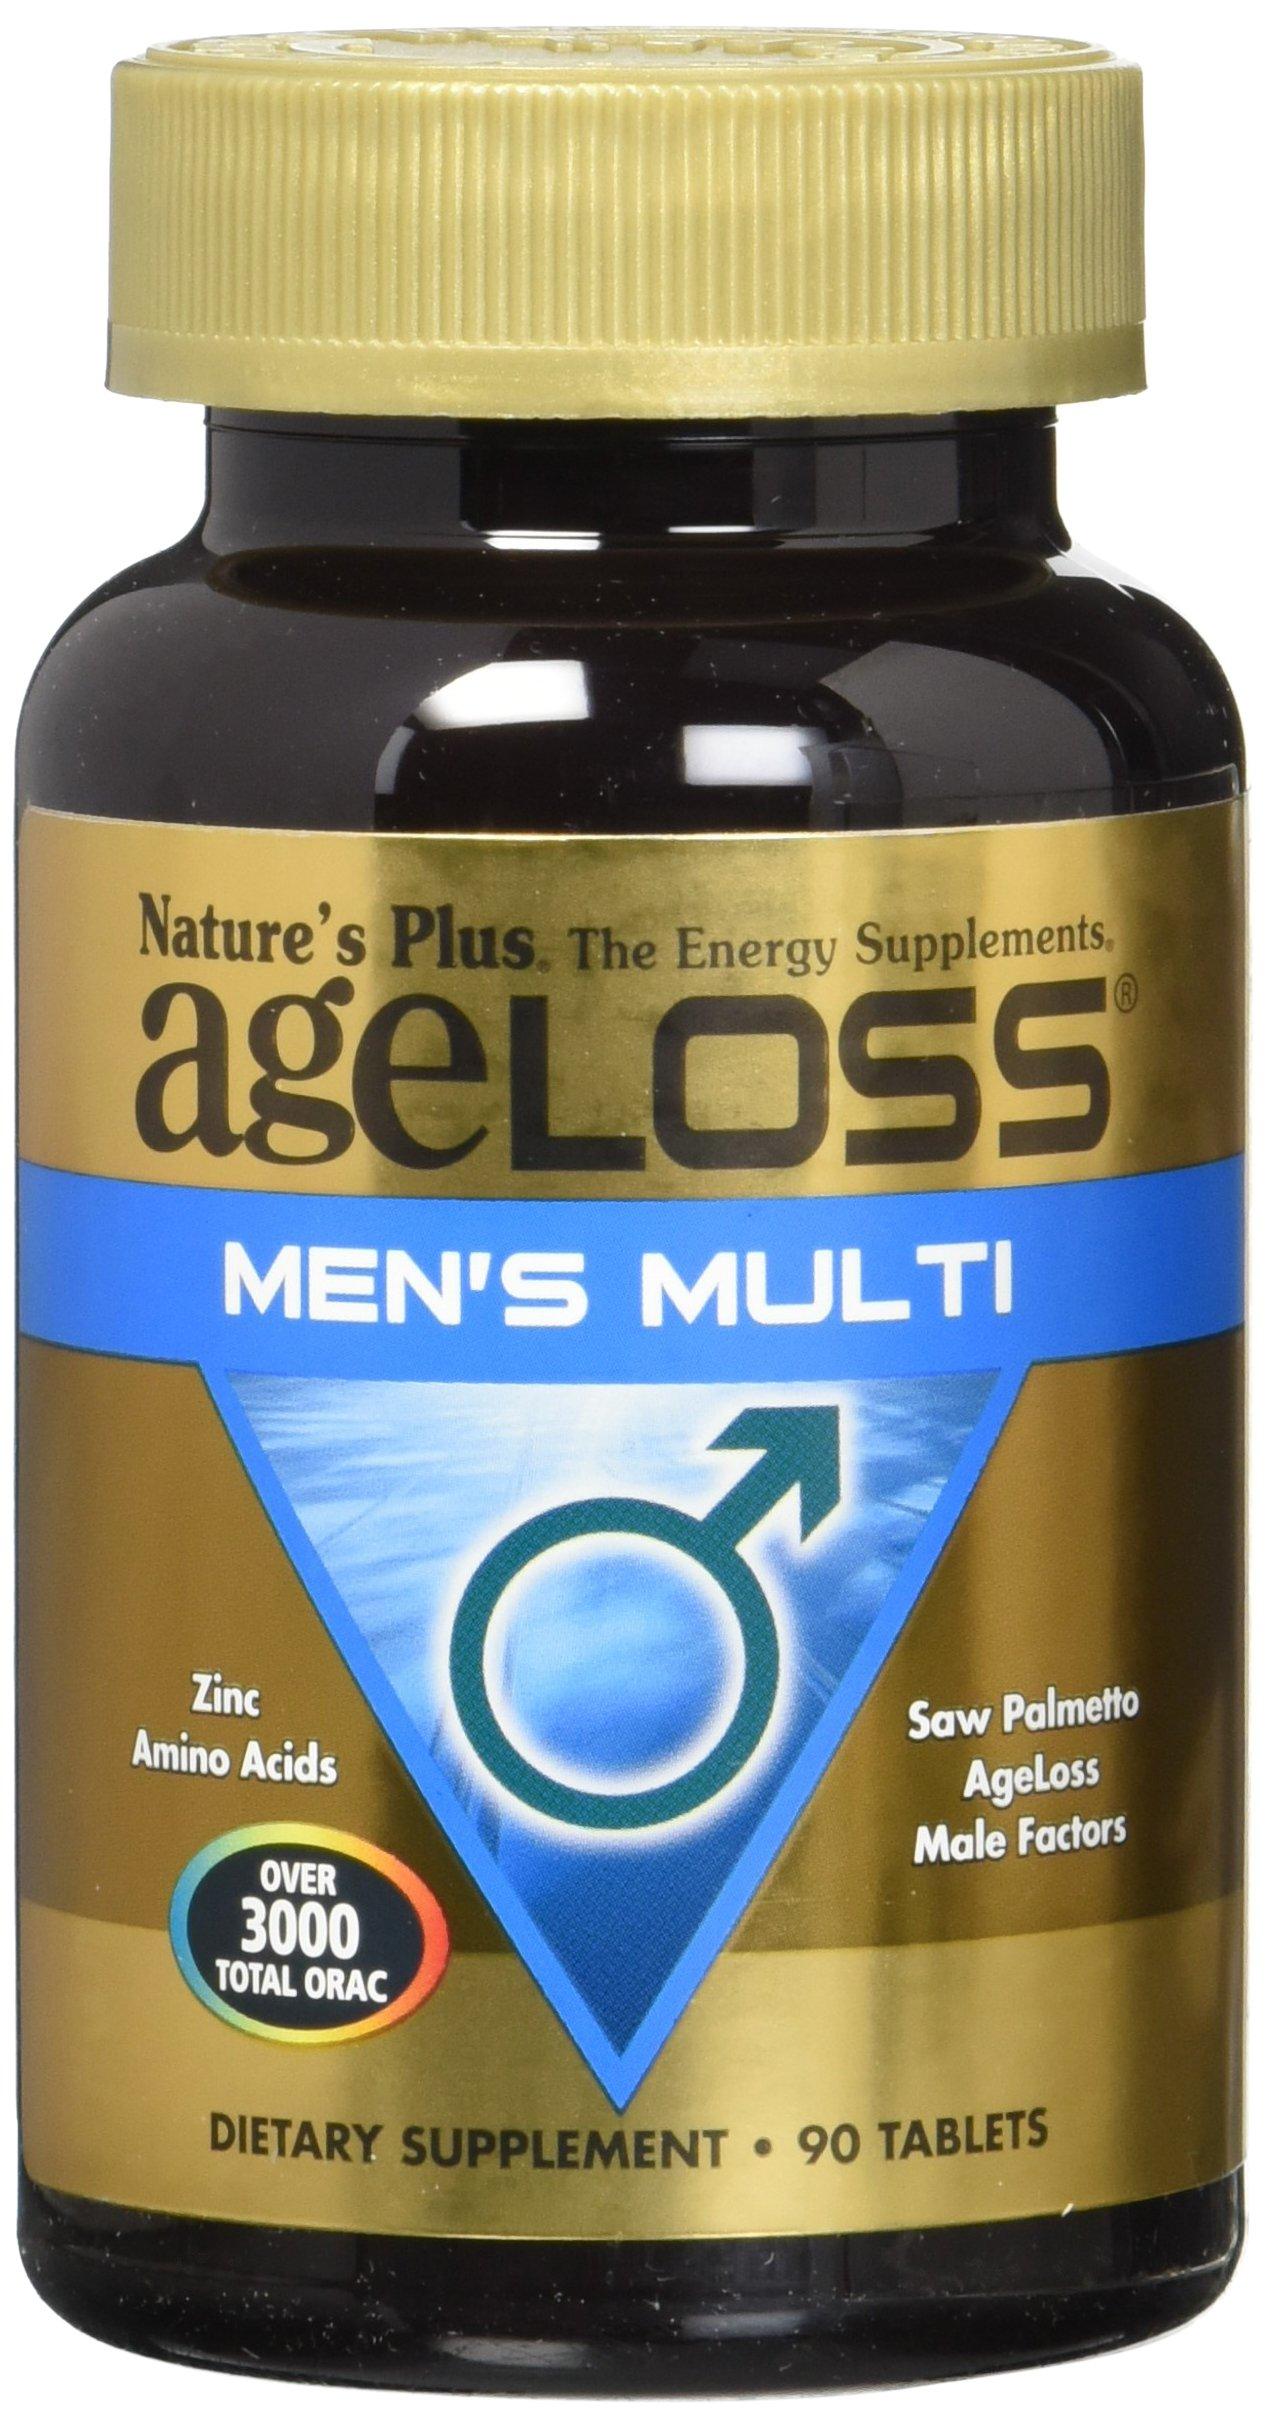 Nature S Plus Ageloss Women S Multi Reviews